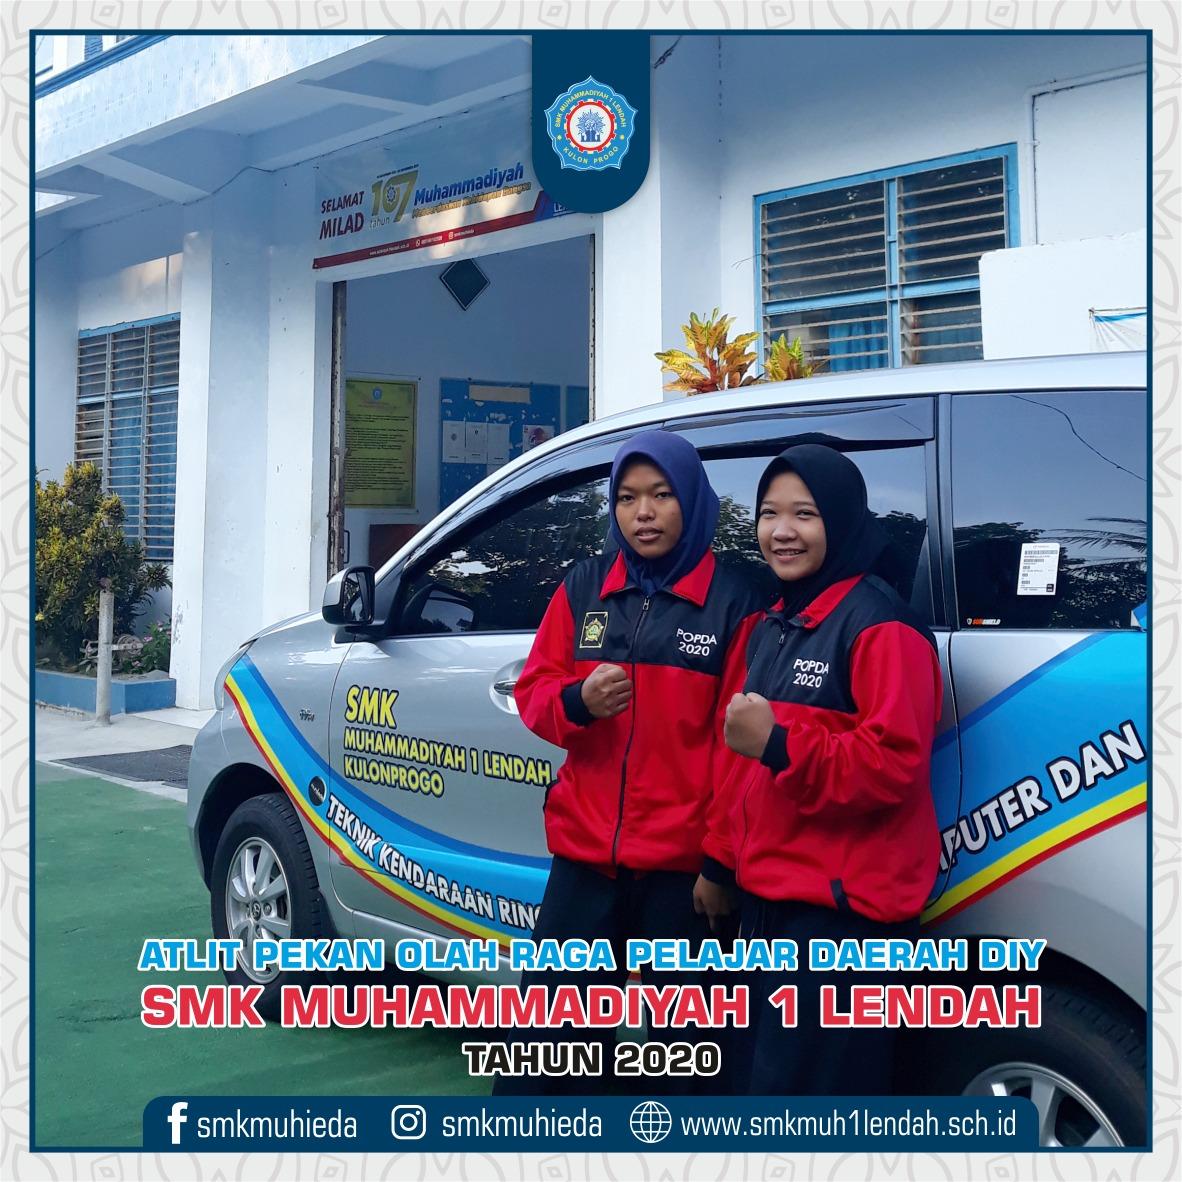 Atlet POPDA DIY SMK Muhammadiyah 1 Lendah tahun 2020